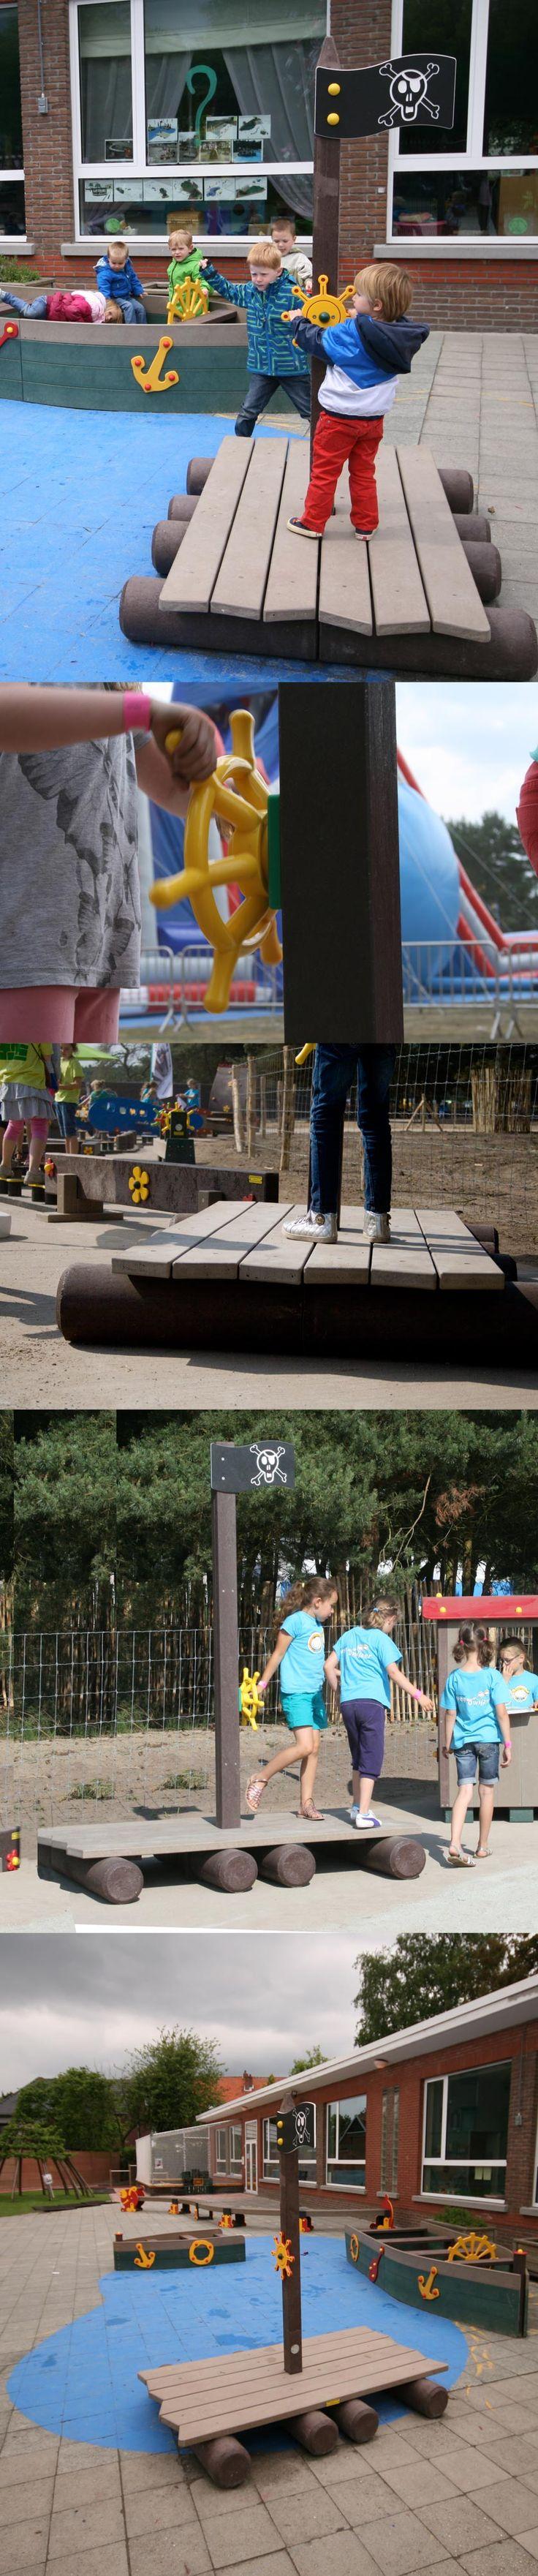 Vlot GP30, verplaatsbaar, gekeurd en met attest, mag gewoon op de stenen staan ( geen valdempende laag. Helemaal gemaakt van gerecycleerd plastic => rotvrij. Radeau pur cour de récréation ( école maternelle) voir http://www.govaplast.com